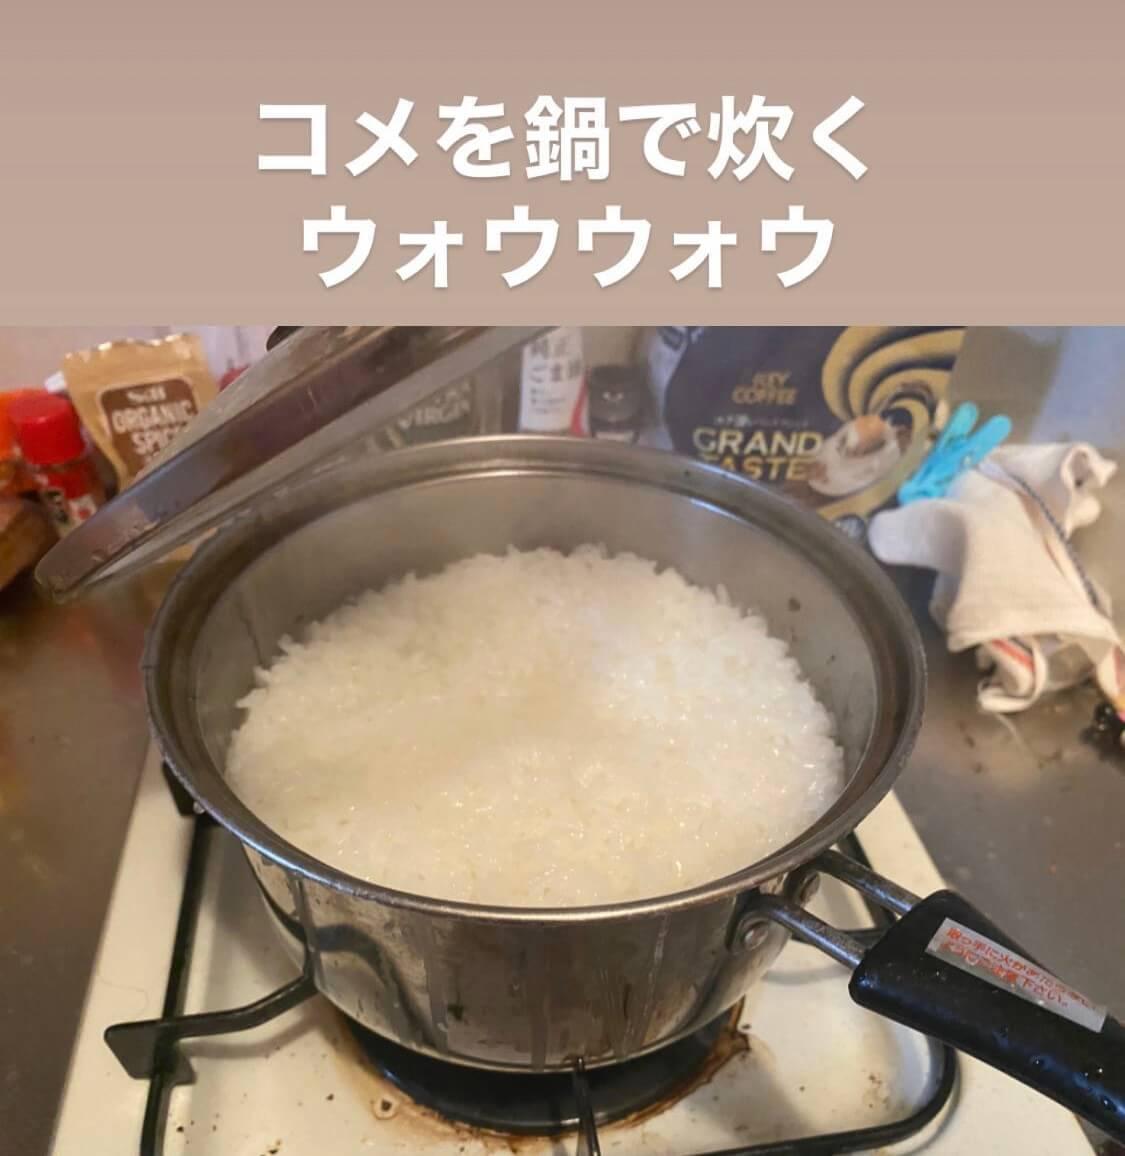 鍋で米を焚く